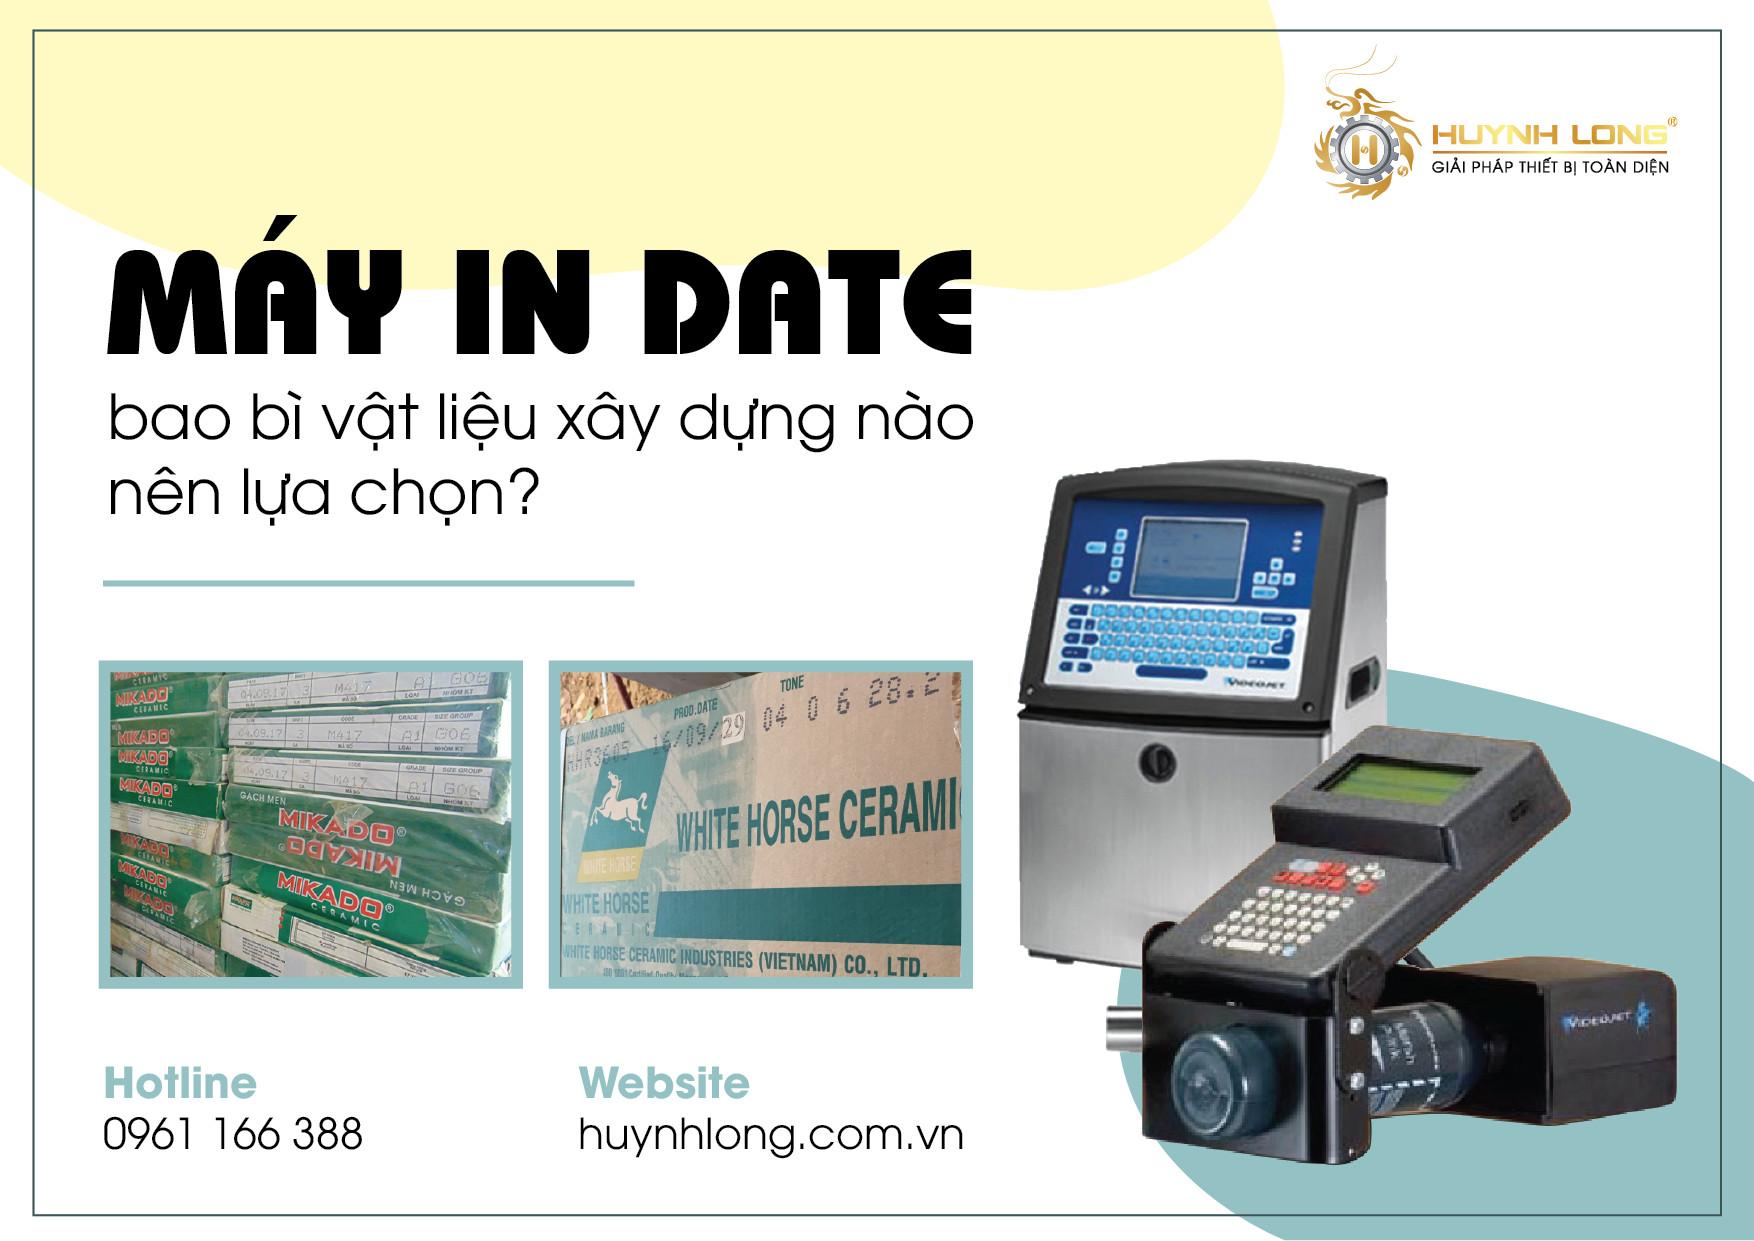 may-in-phun-date-nganh-vat-lieu-xay-dung